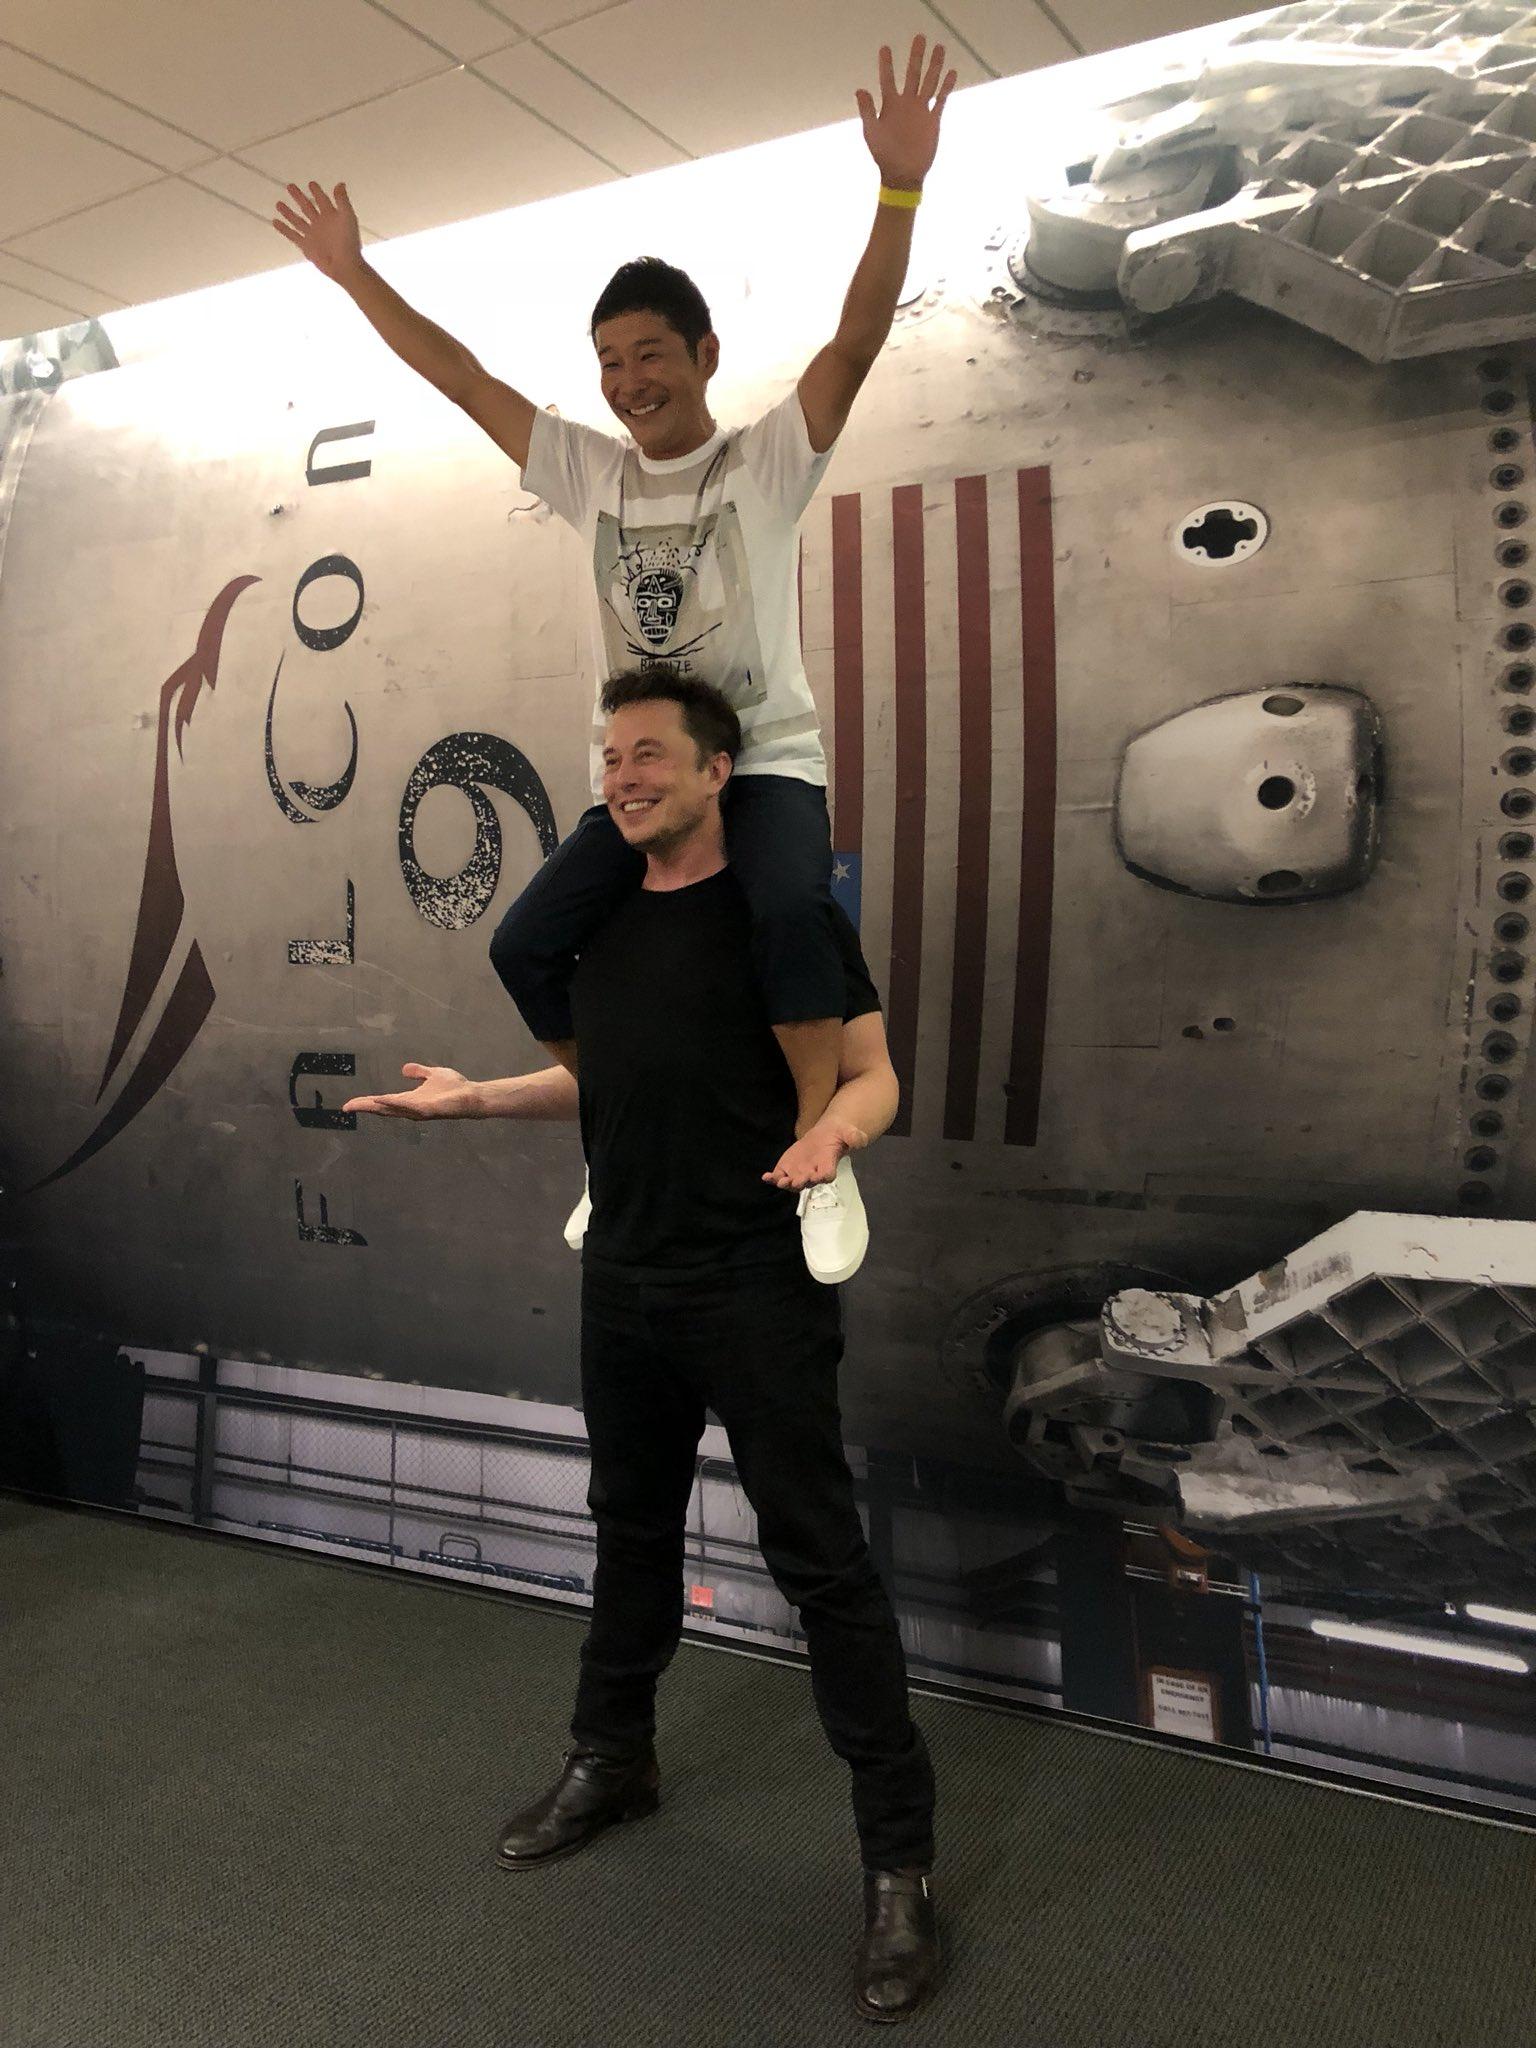 Yusaku Maezawa sur les épaules d'Elon Musk, photo parue sur Twitter.